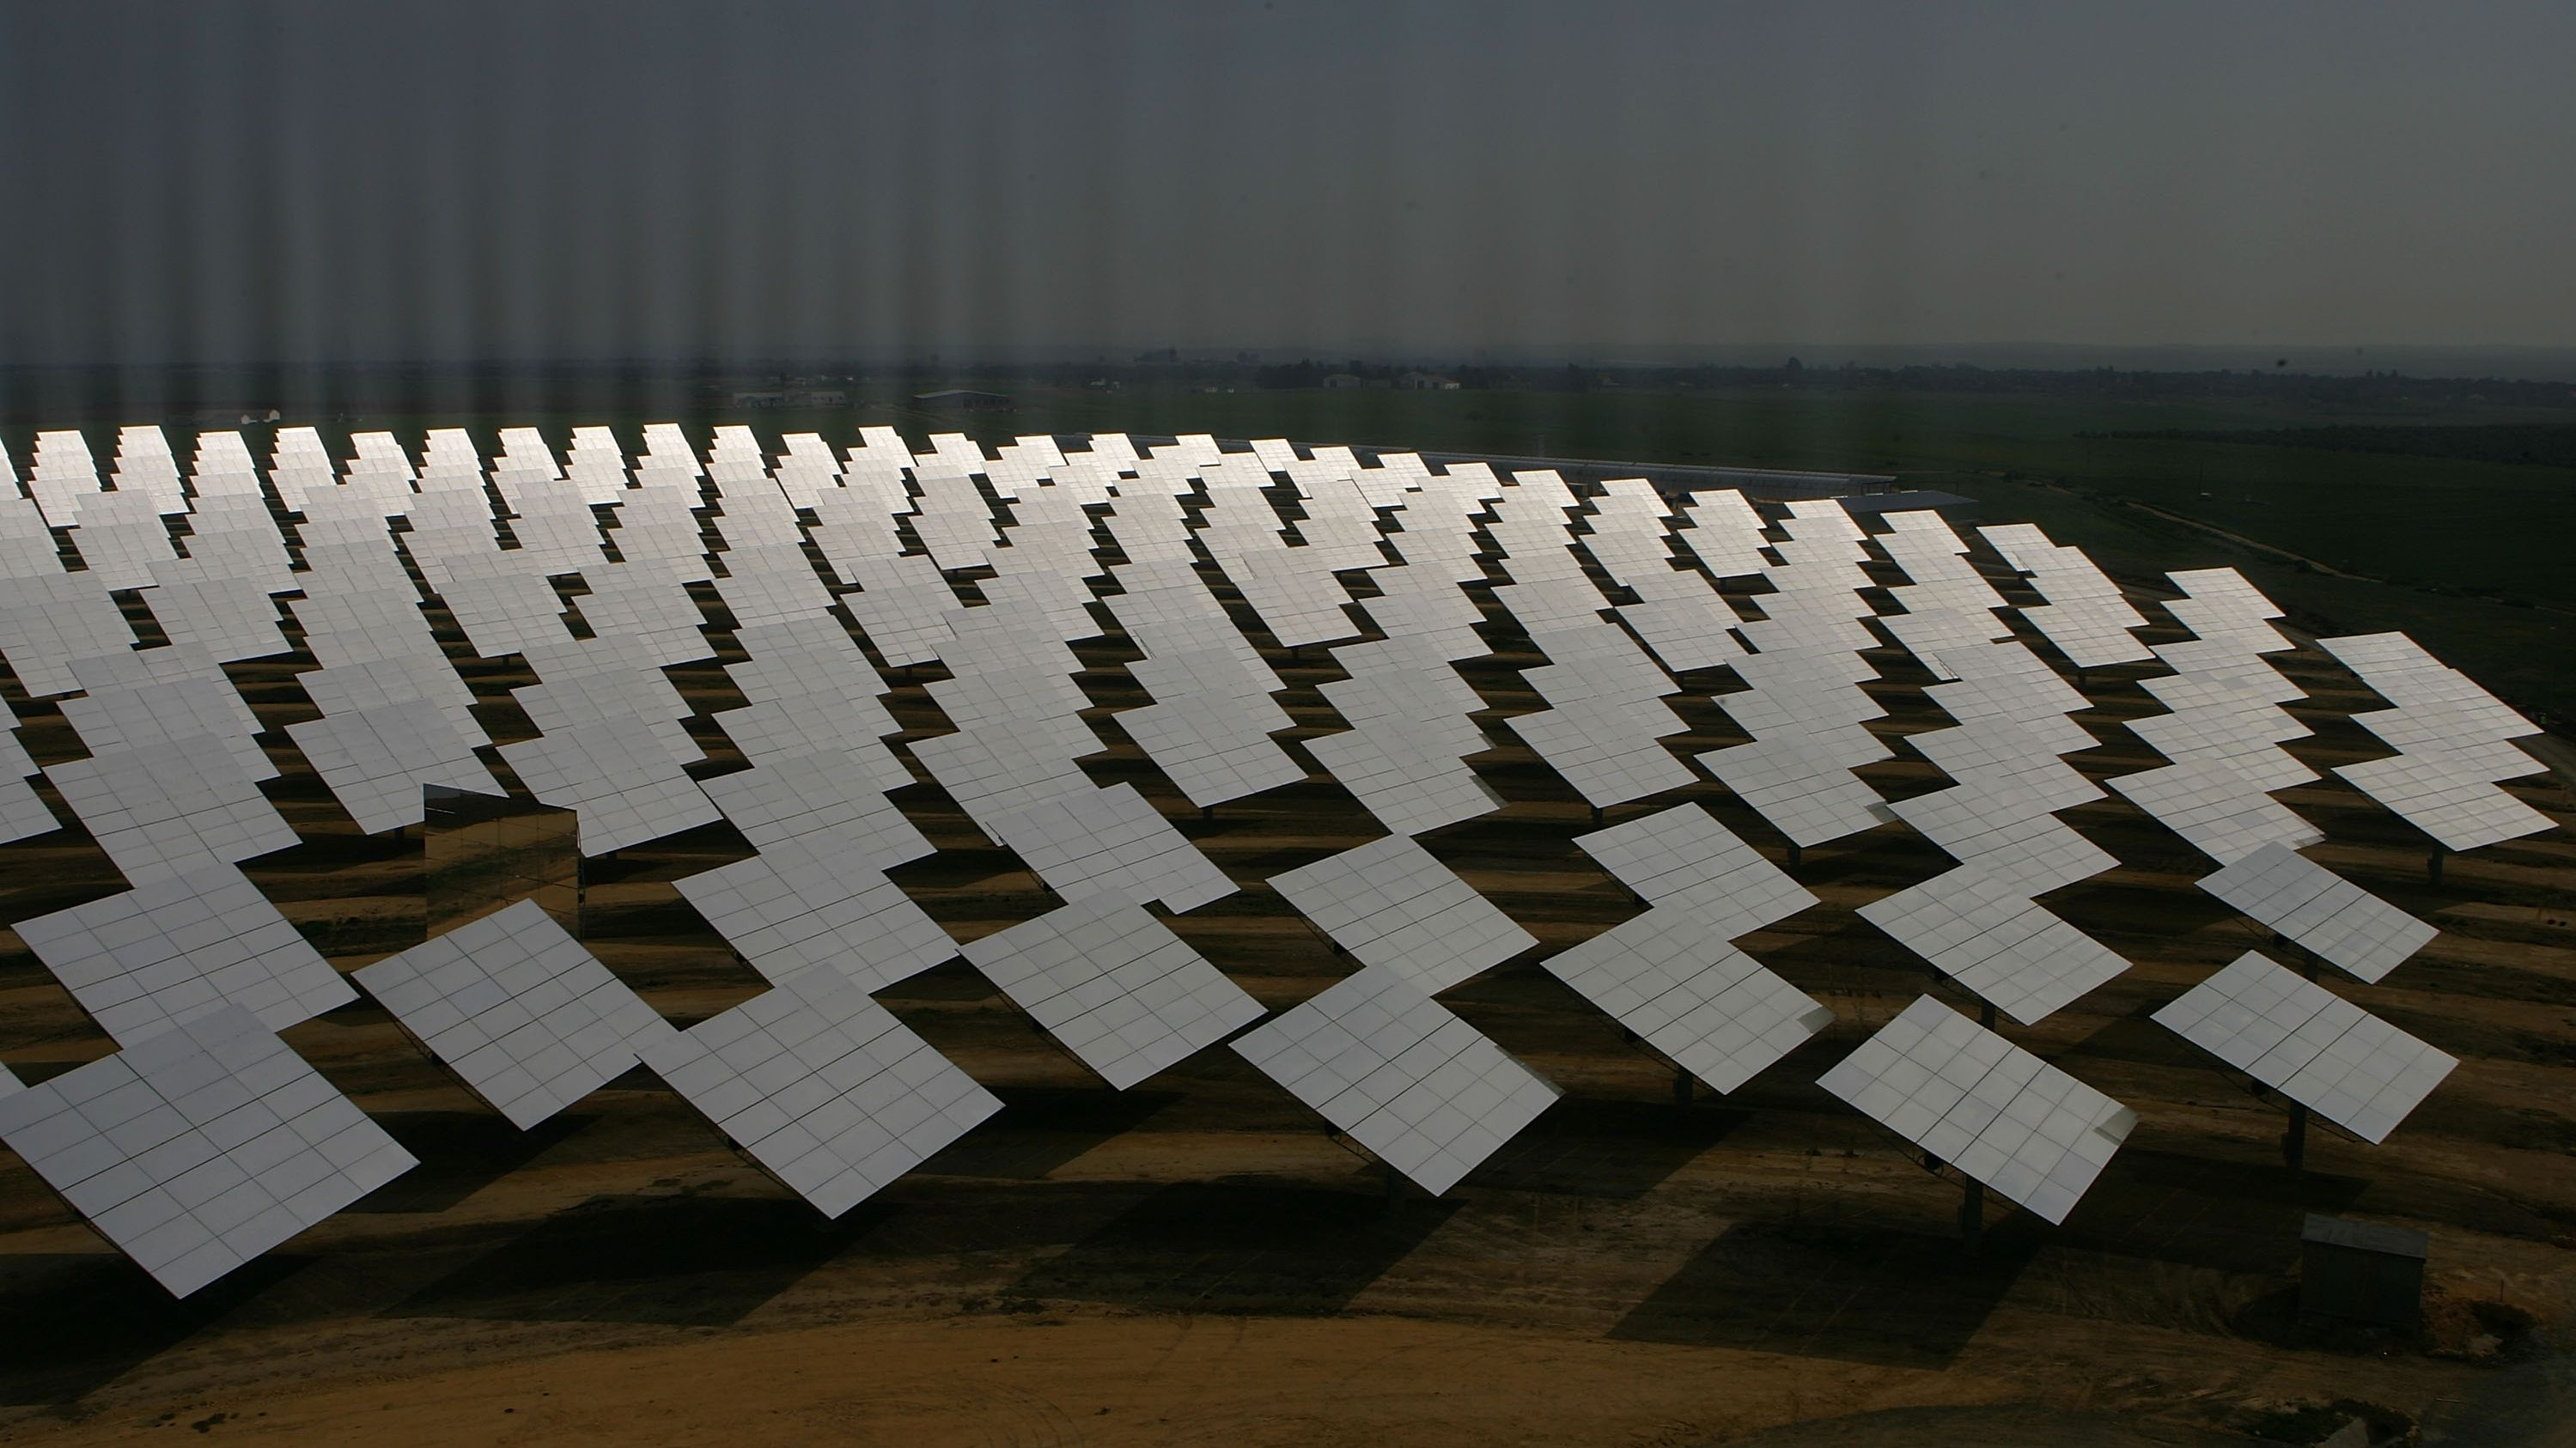 持続可能エネルギーへの 転換が進まない本当の理由